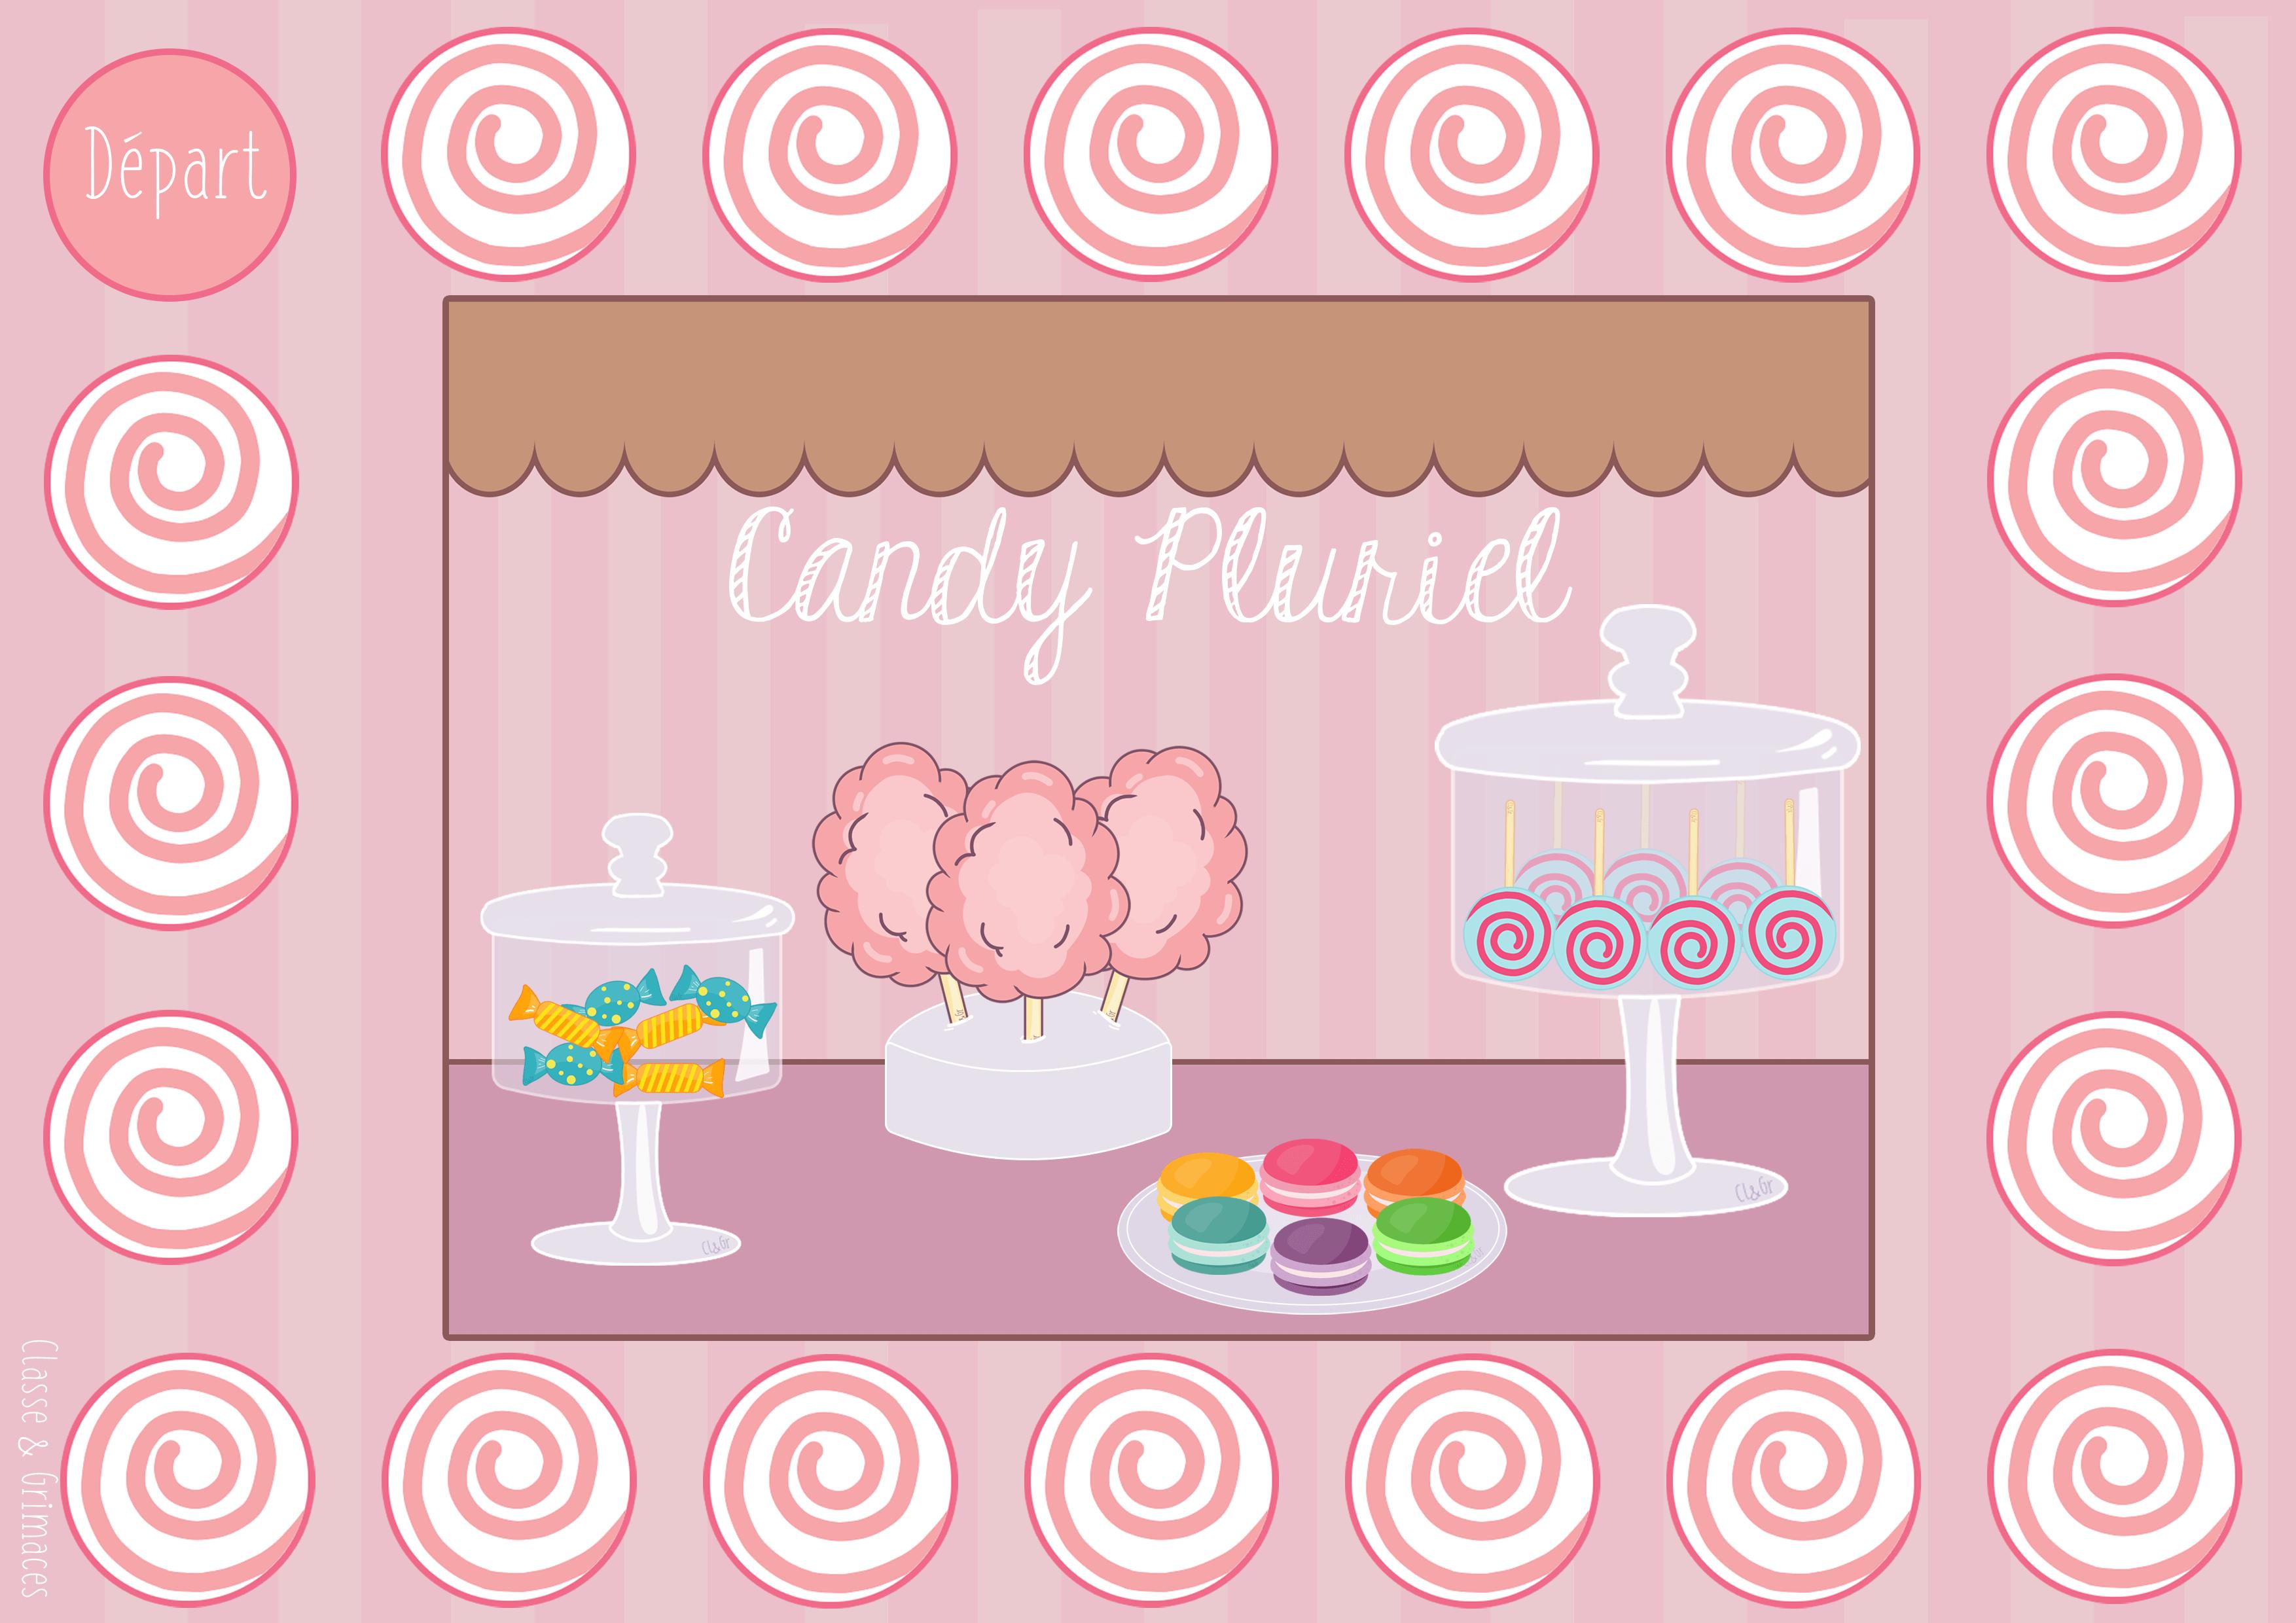 Atelier pluriel des noms – Candy Pluriel !